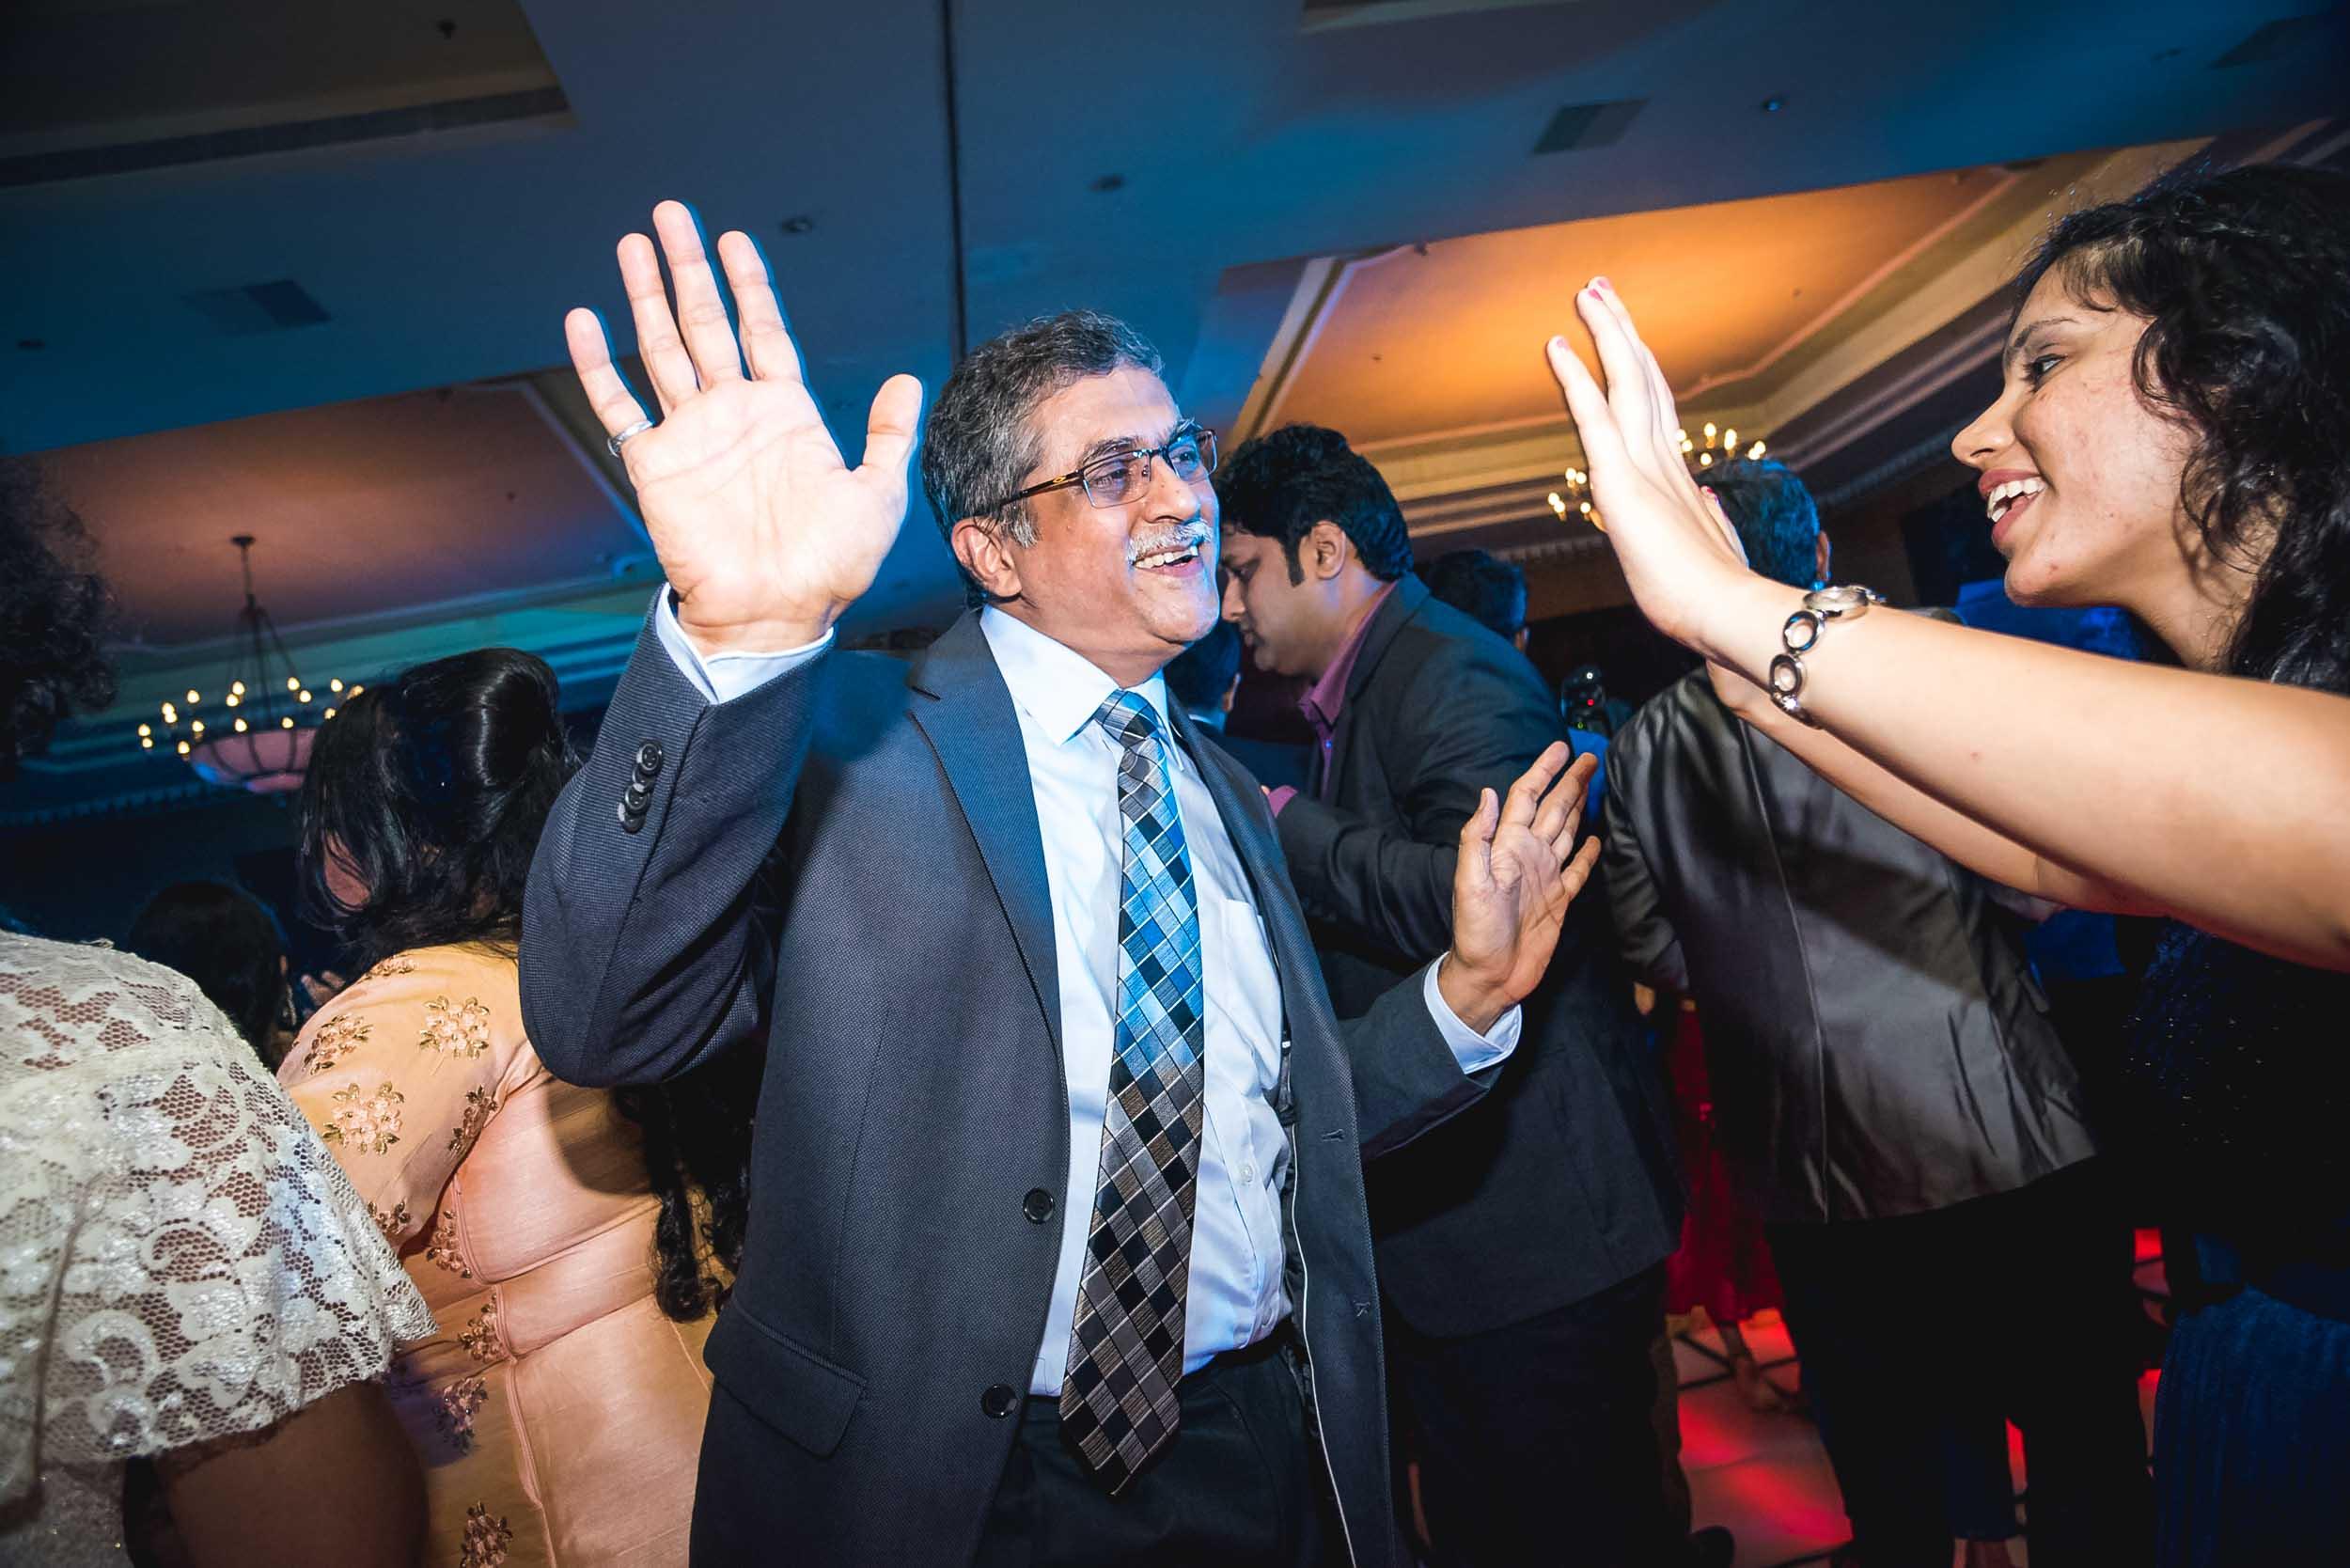 mumbai-pune-wedding-140.jpg